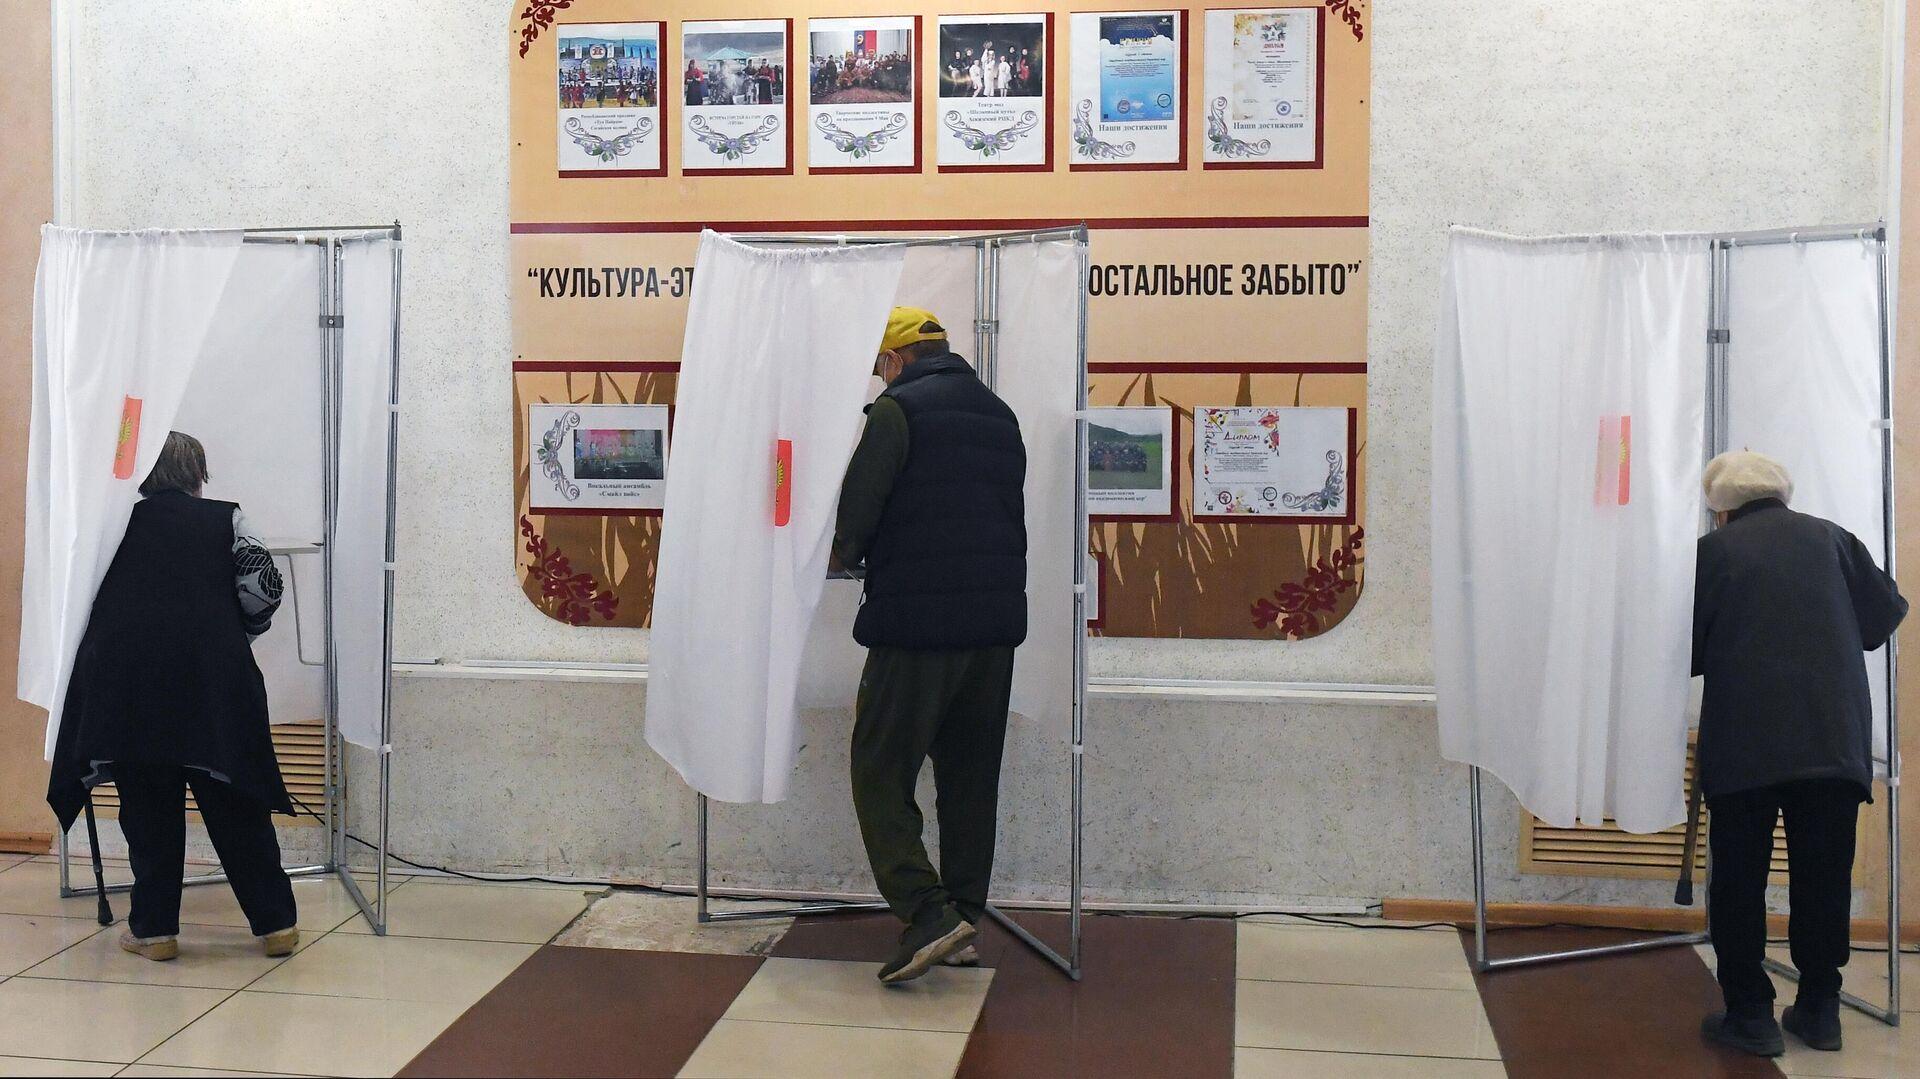 В избиркоме объяснили очередь из росгвардейцев на участке в Омске